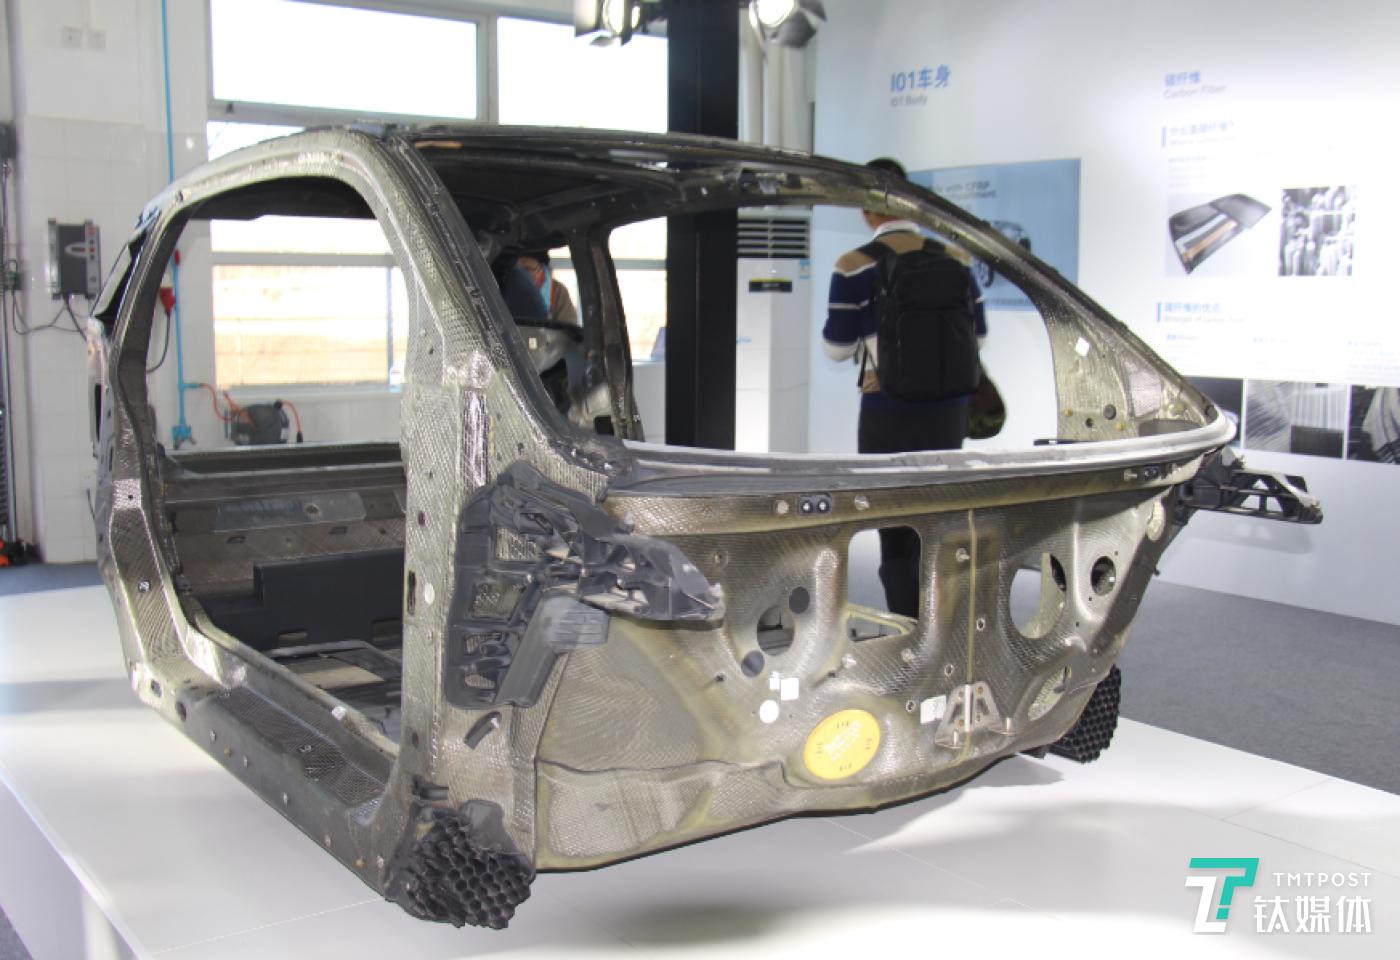 碳纤维部件可终身追溯铝合金告别气焊……揭秘宝马轻量化材料维修技术